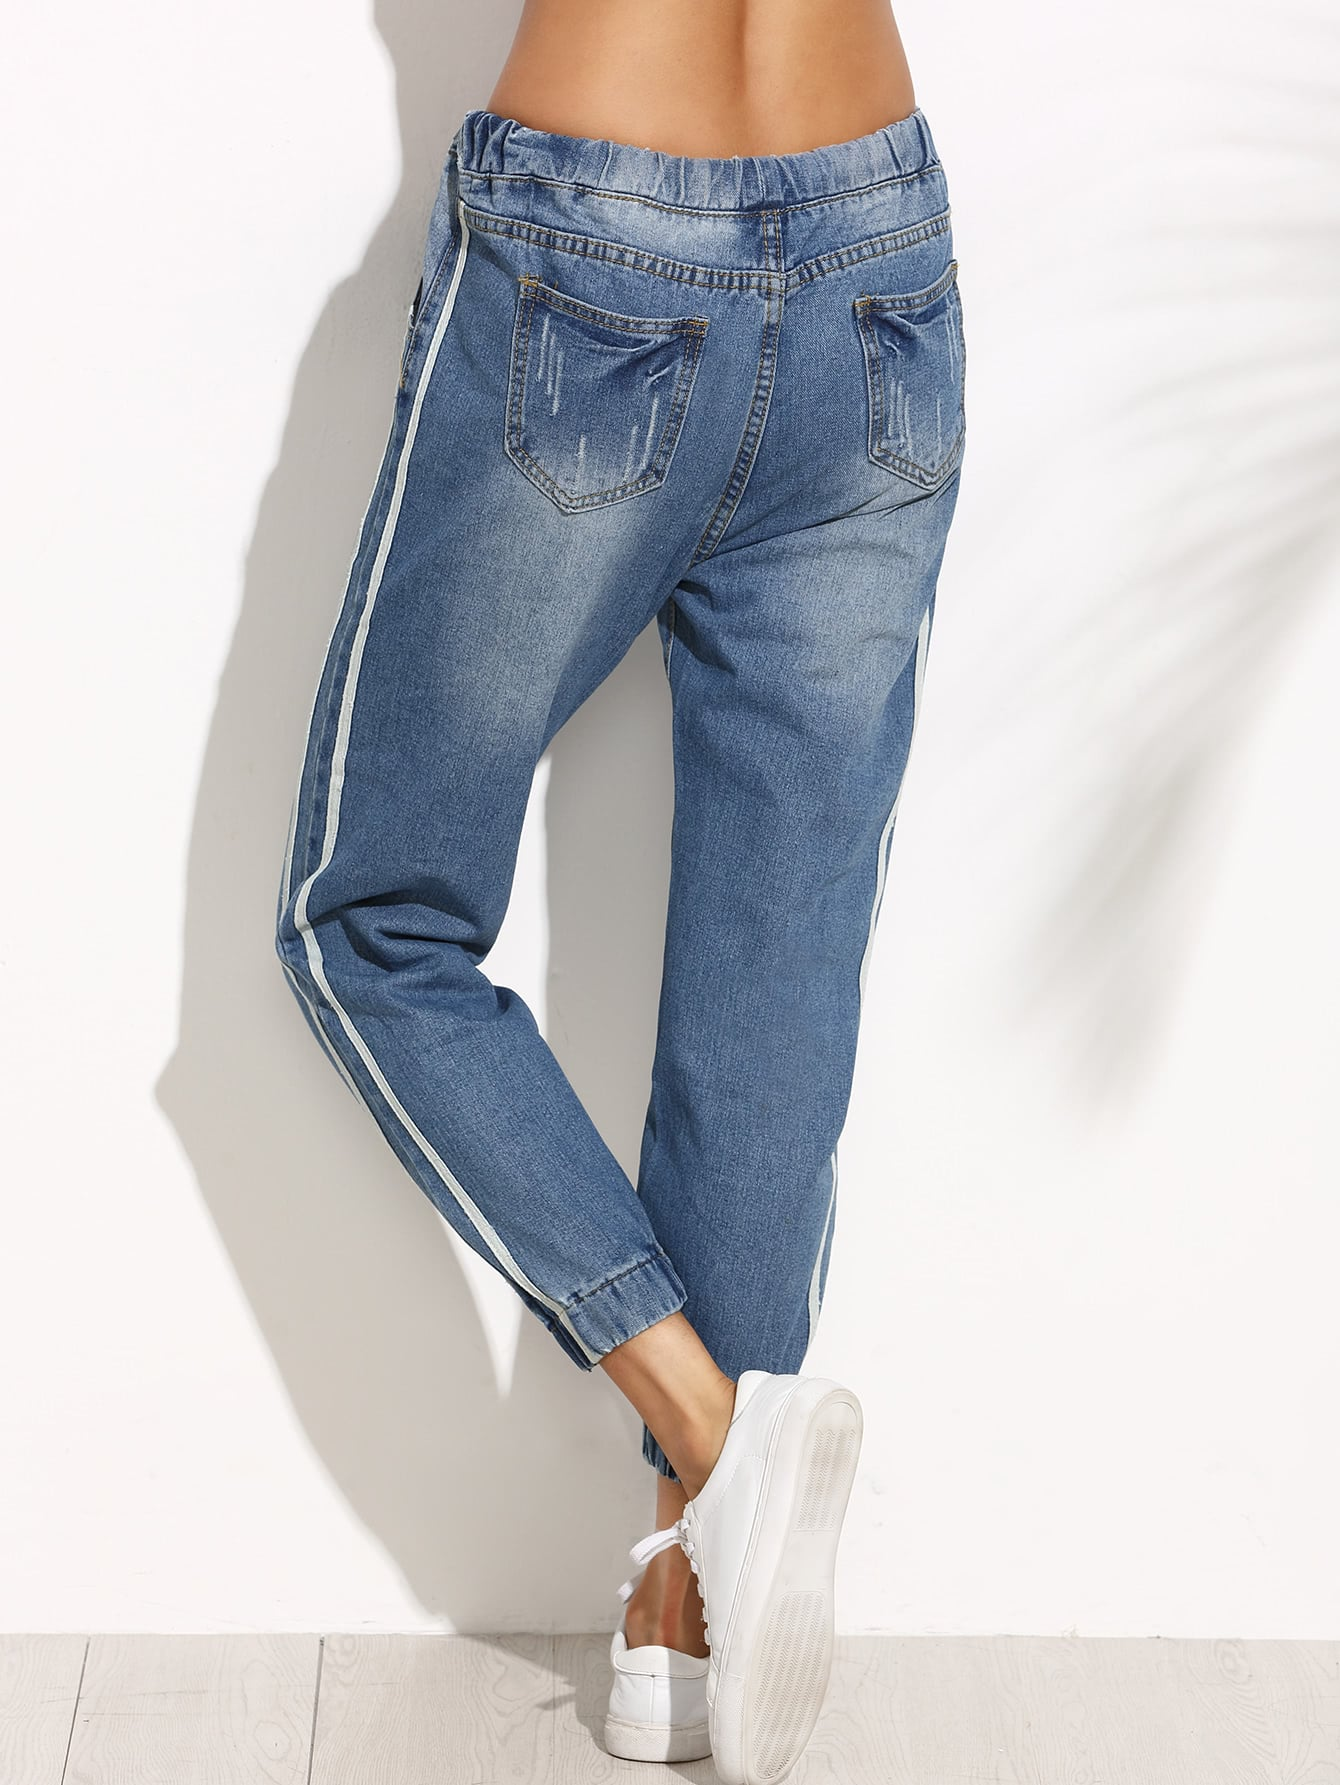 pants160819002_2